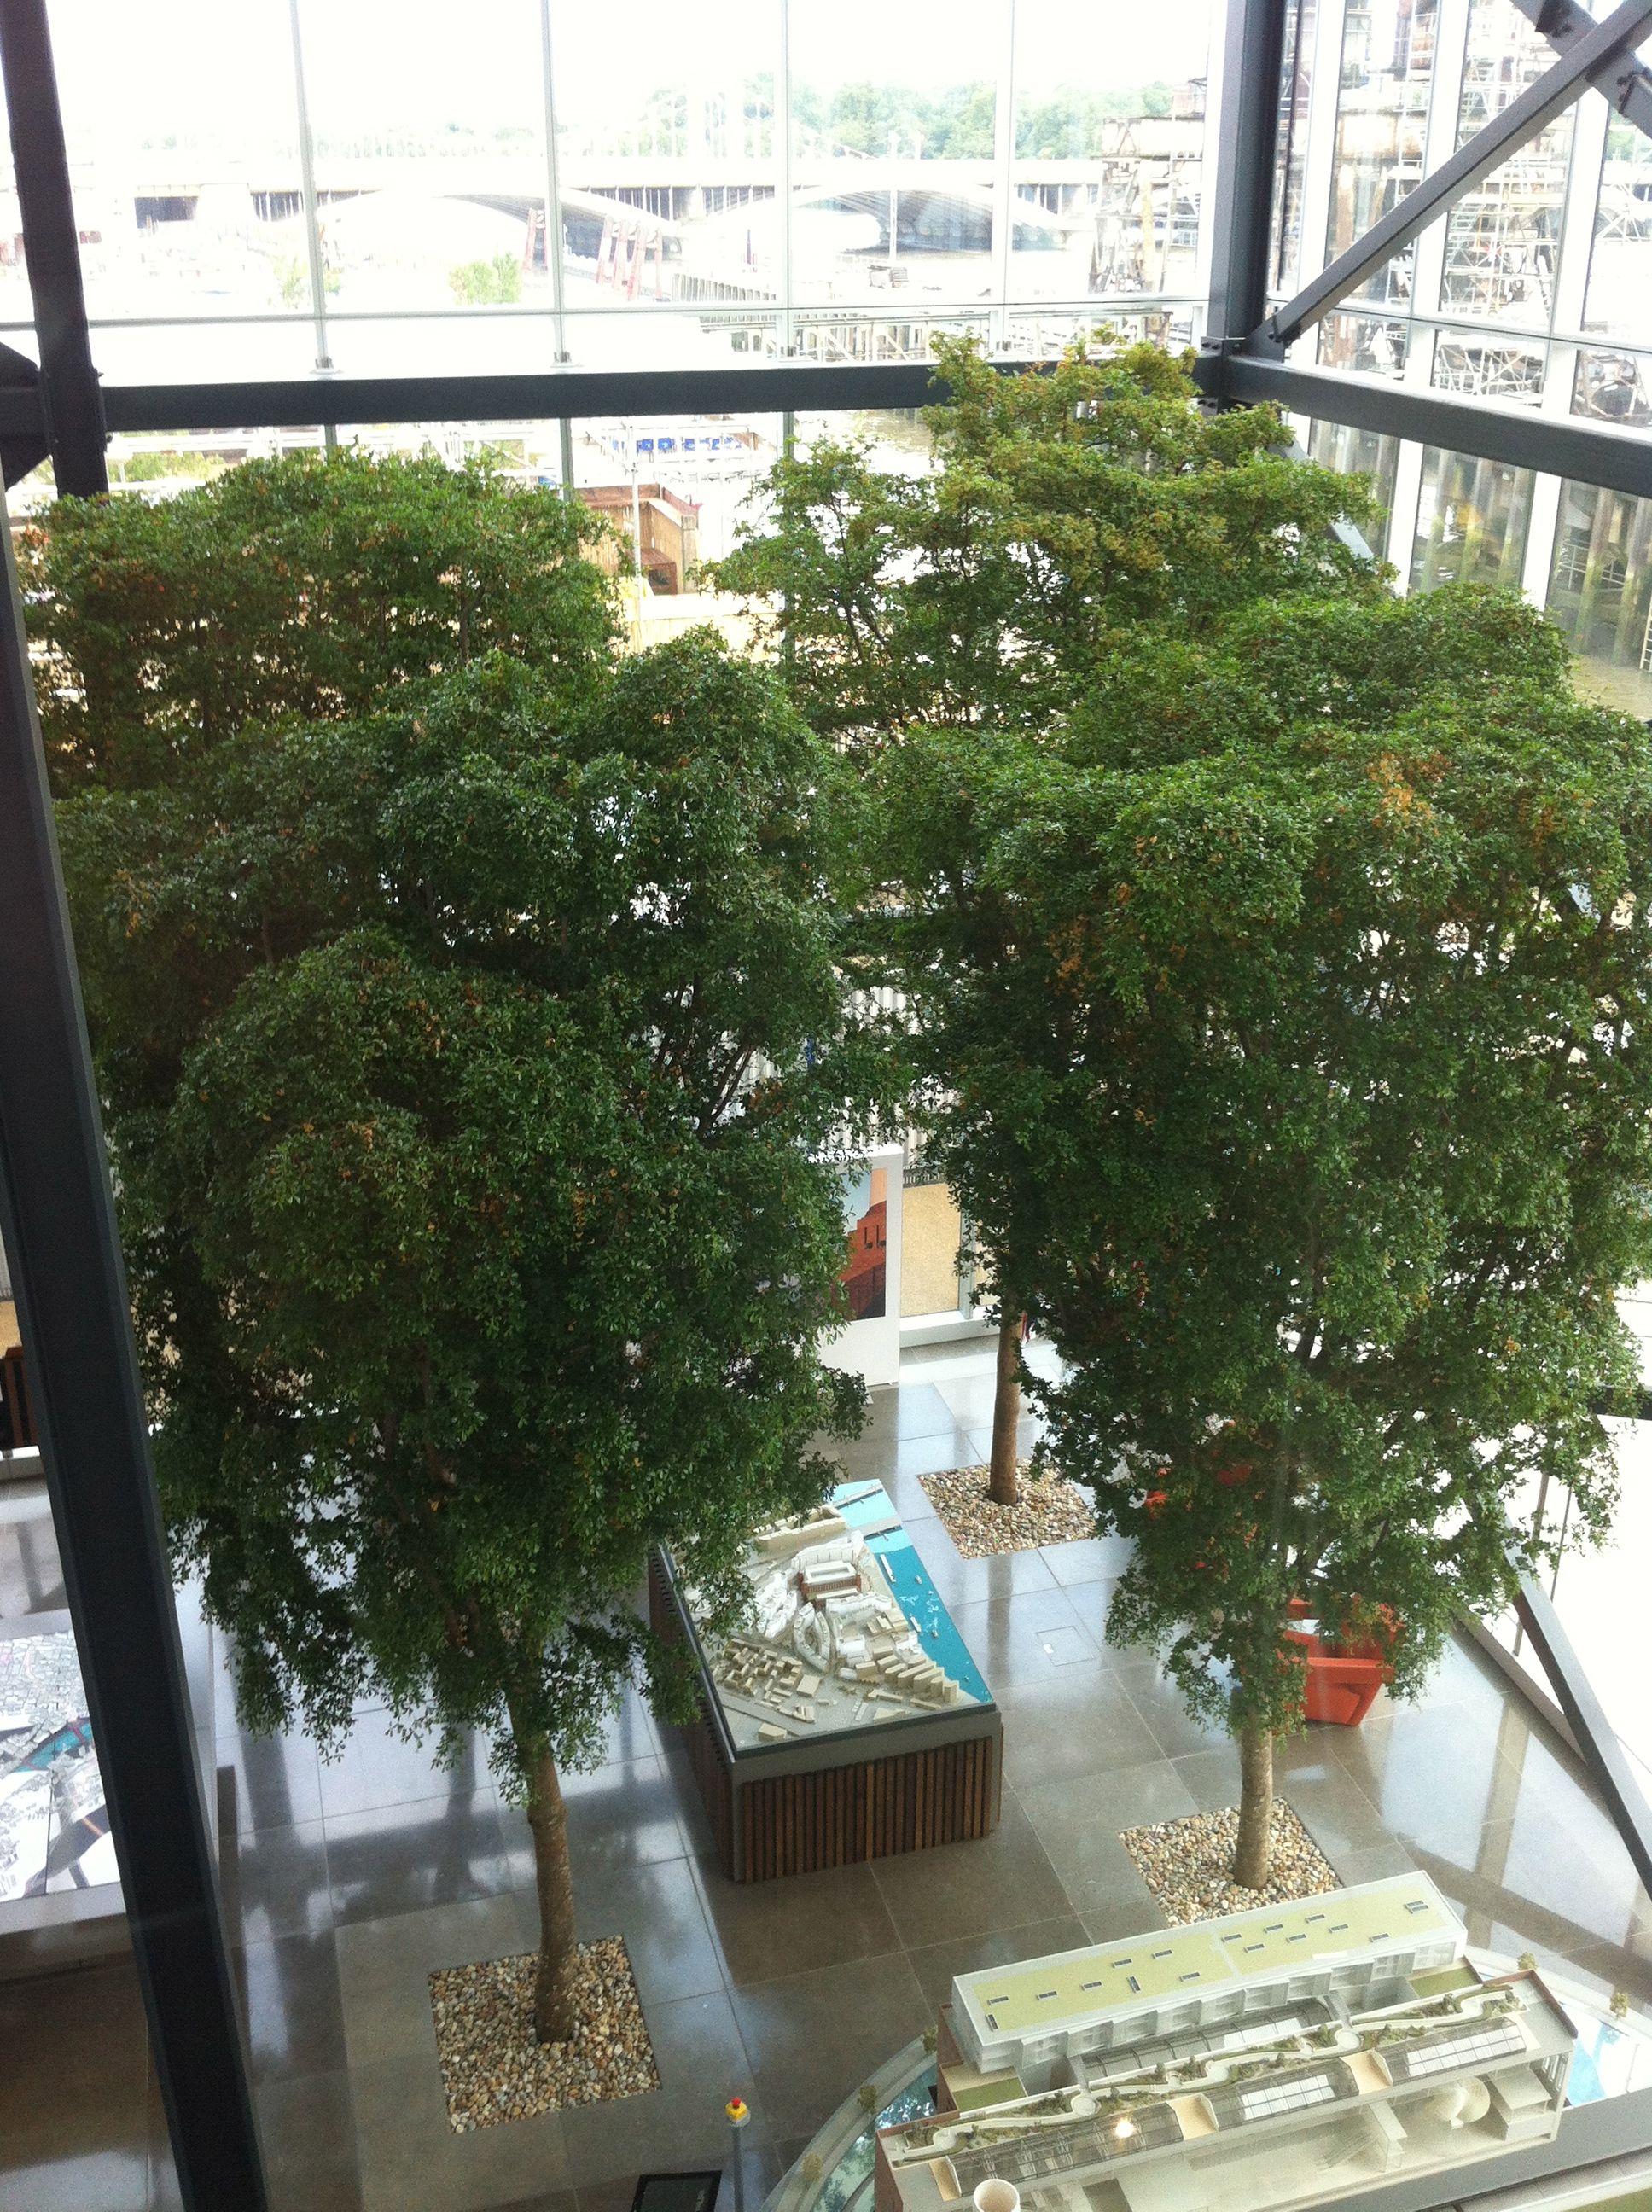 4 Specimen 8M Black Olive Trees Make An Impressive Statement